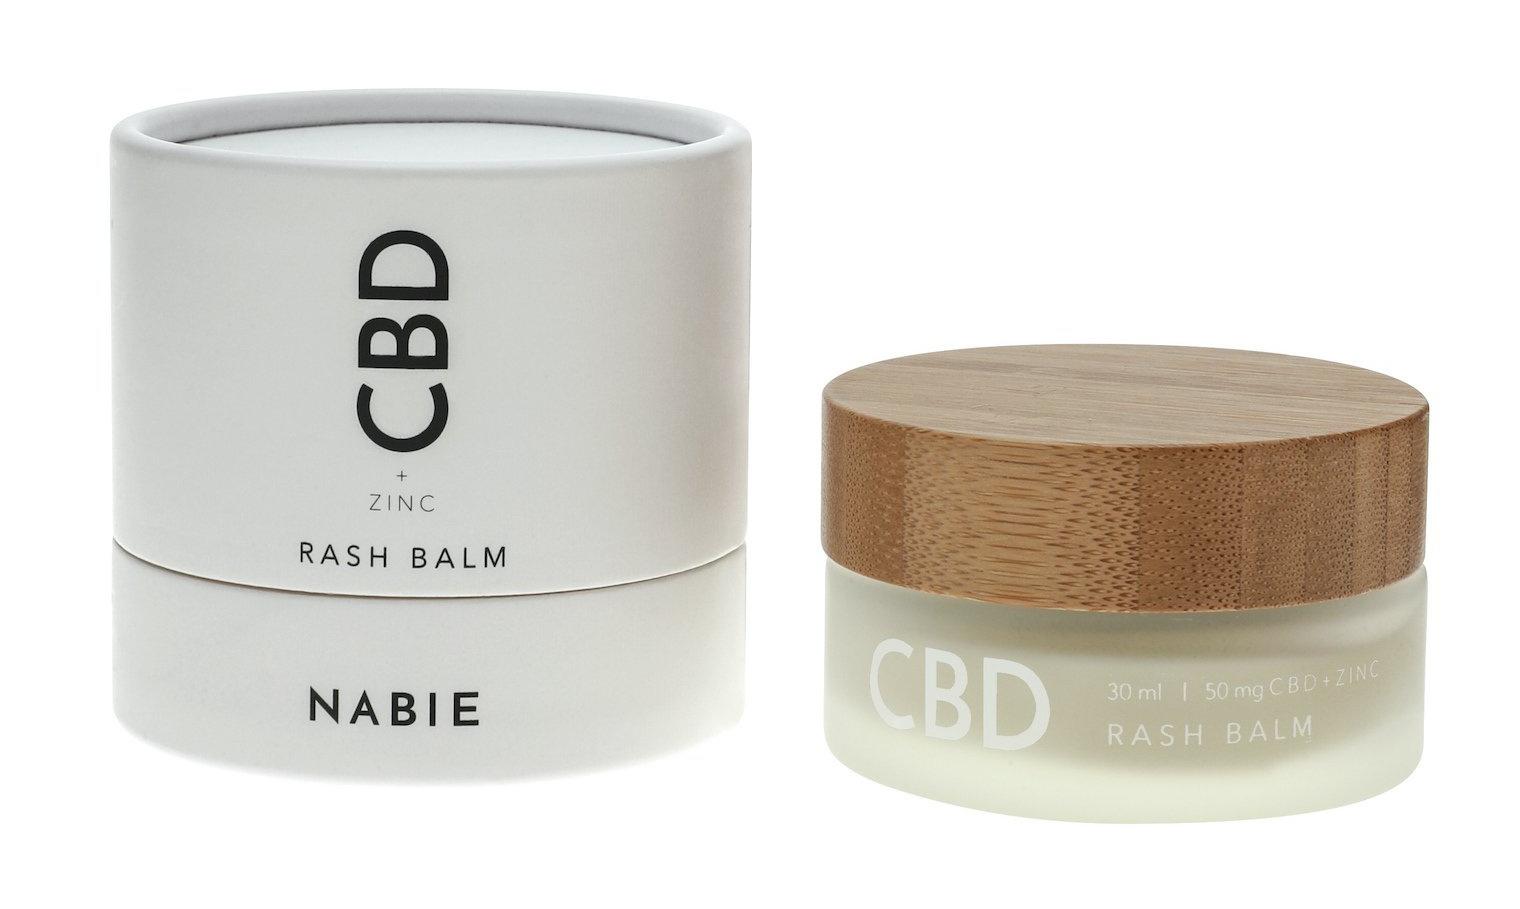 Nabie Cbd Rash Balm + Zinc